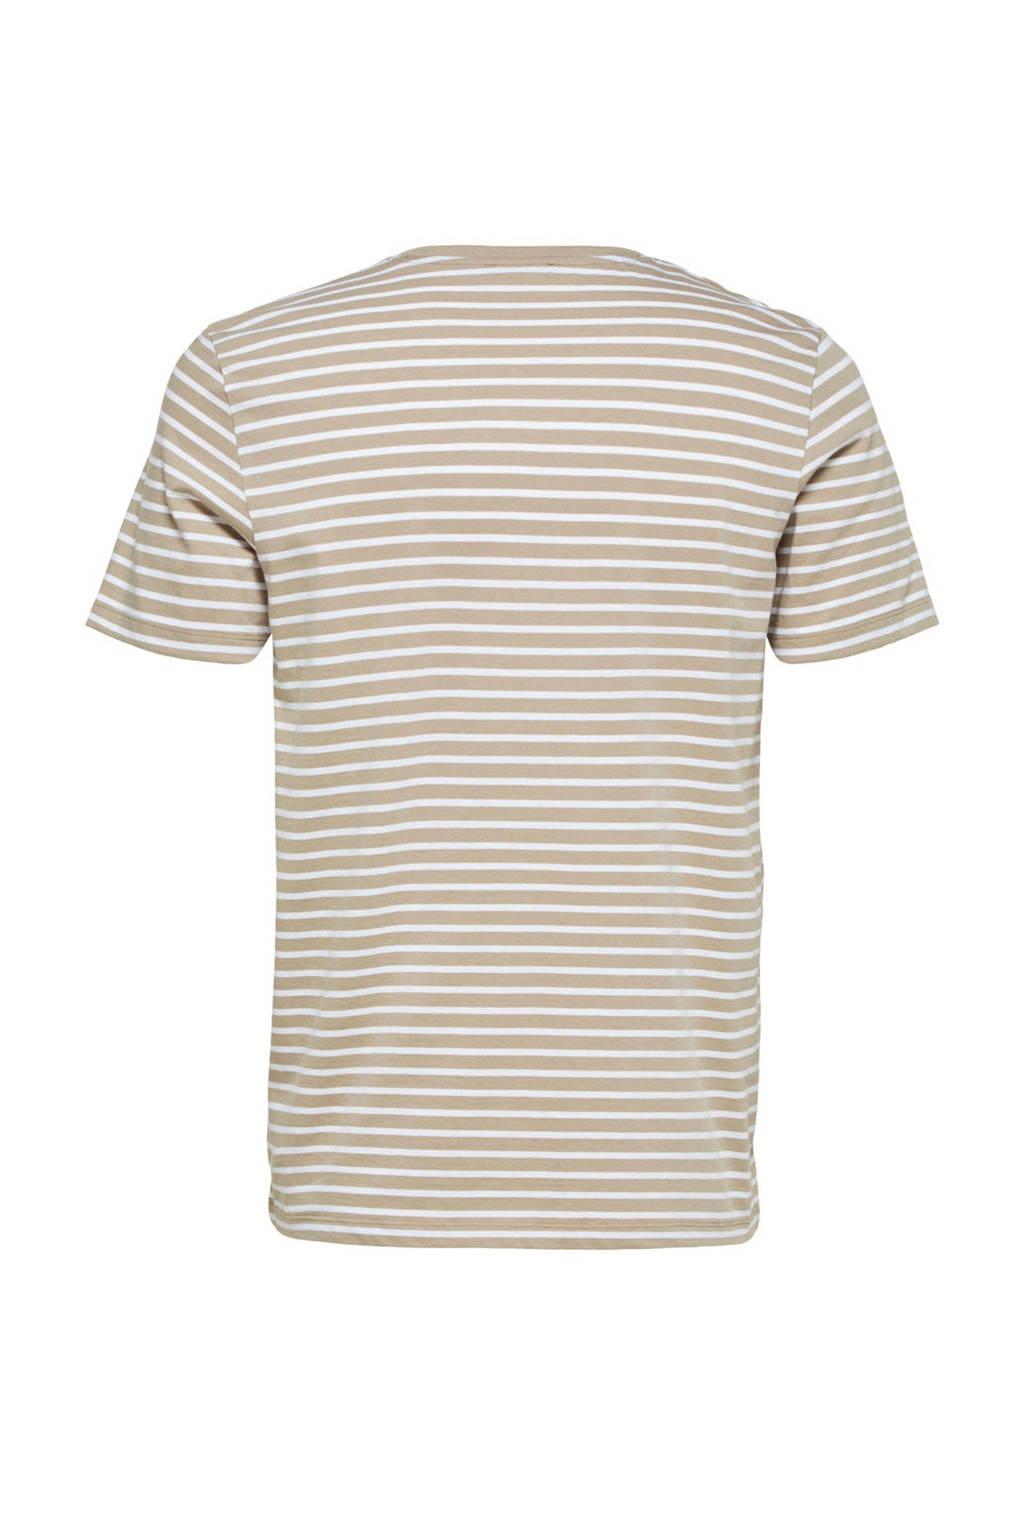 SELECTED HOMME gestreept T-shirt van biologisch katoen crockery, Crockery